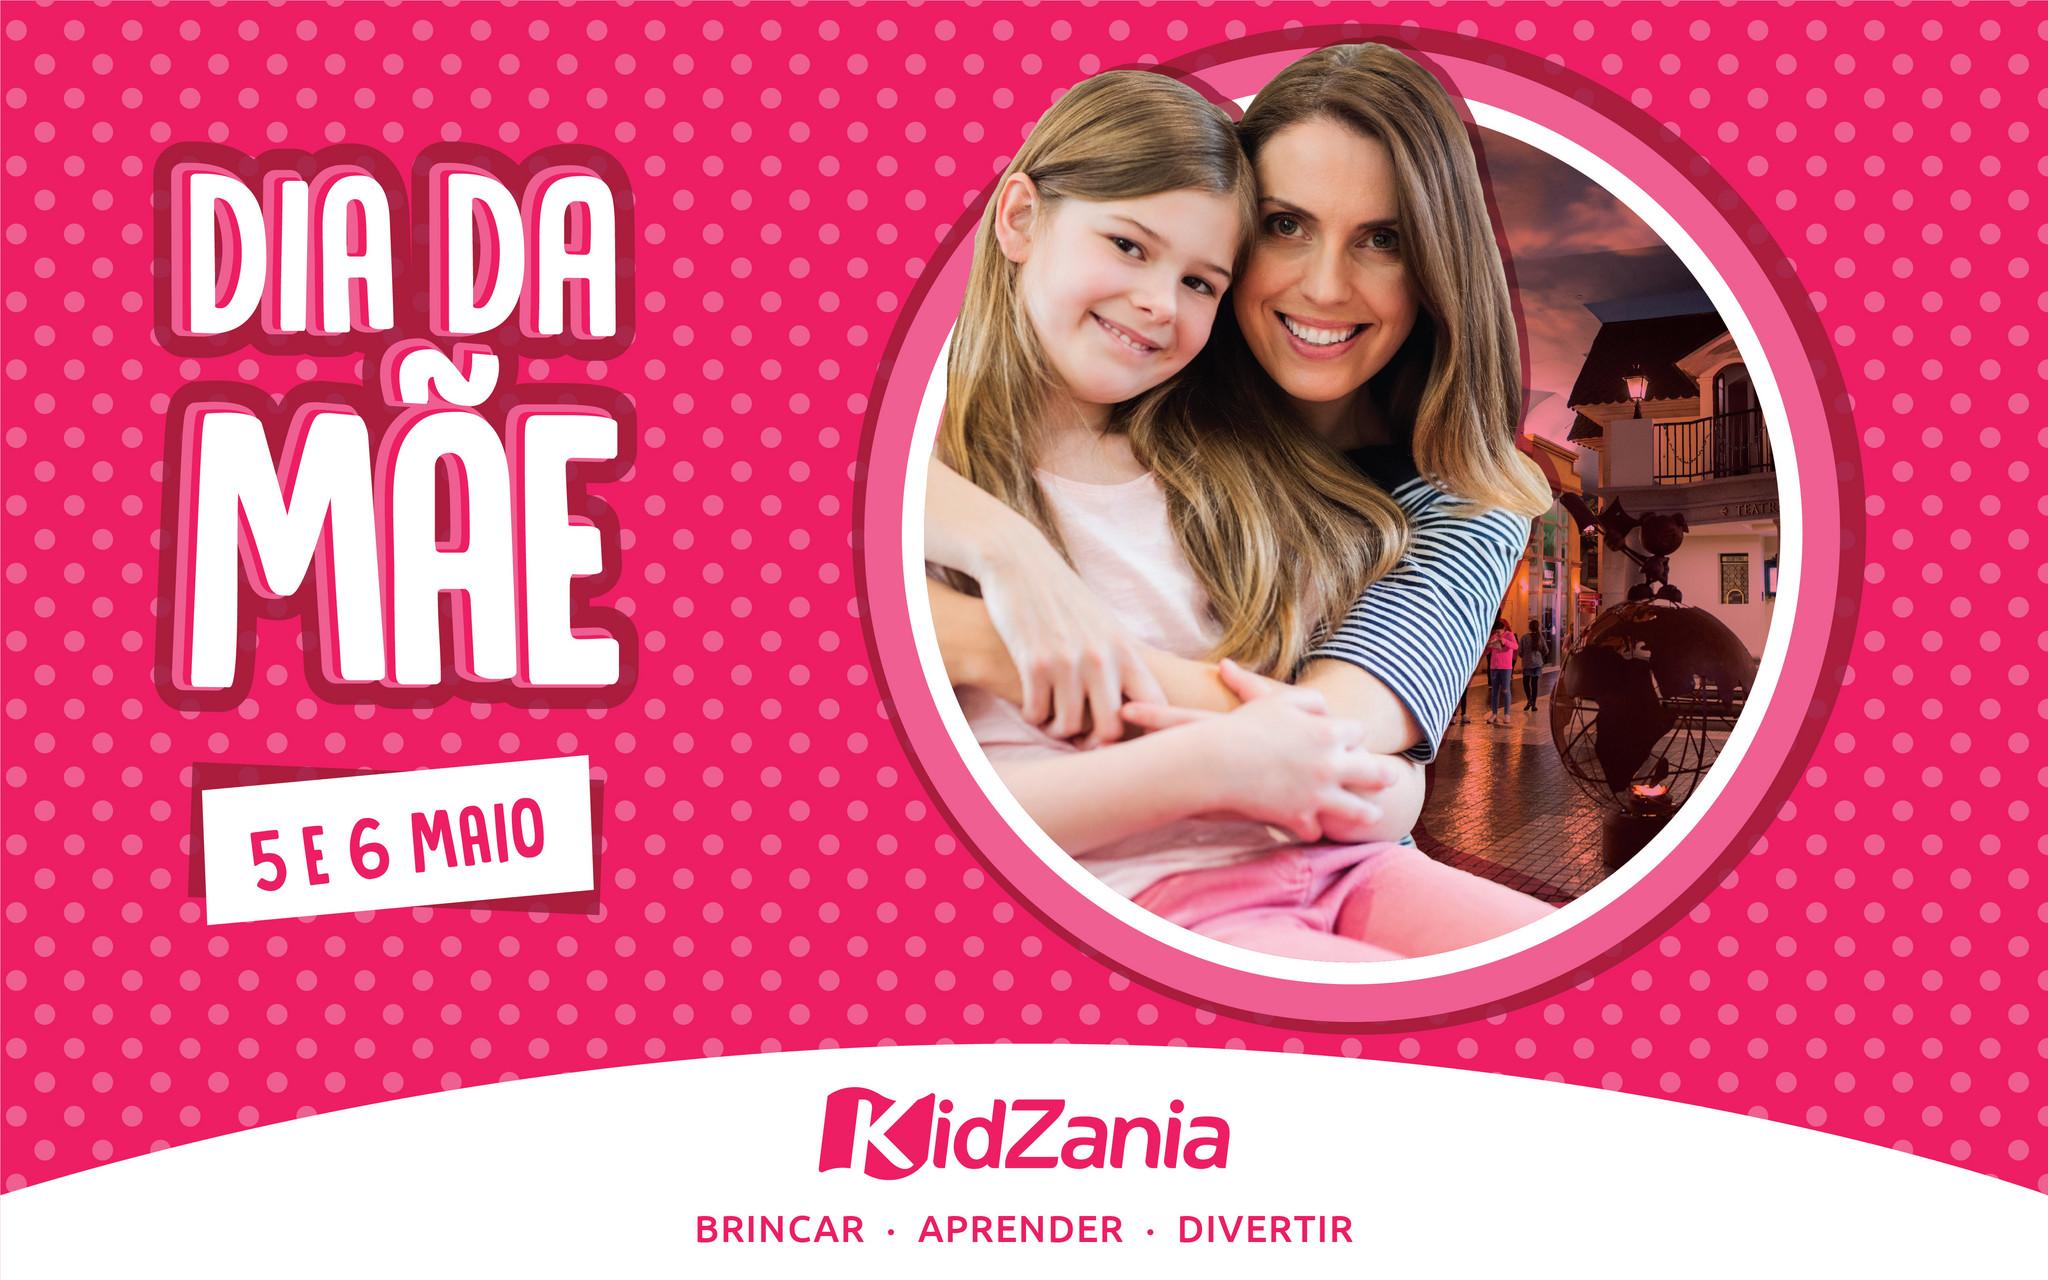 KIDZANIA DIA DA MÃE - 2018.jpg